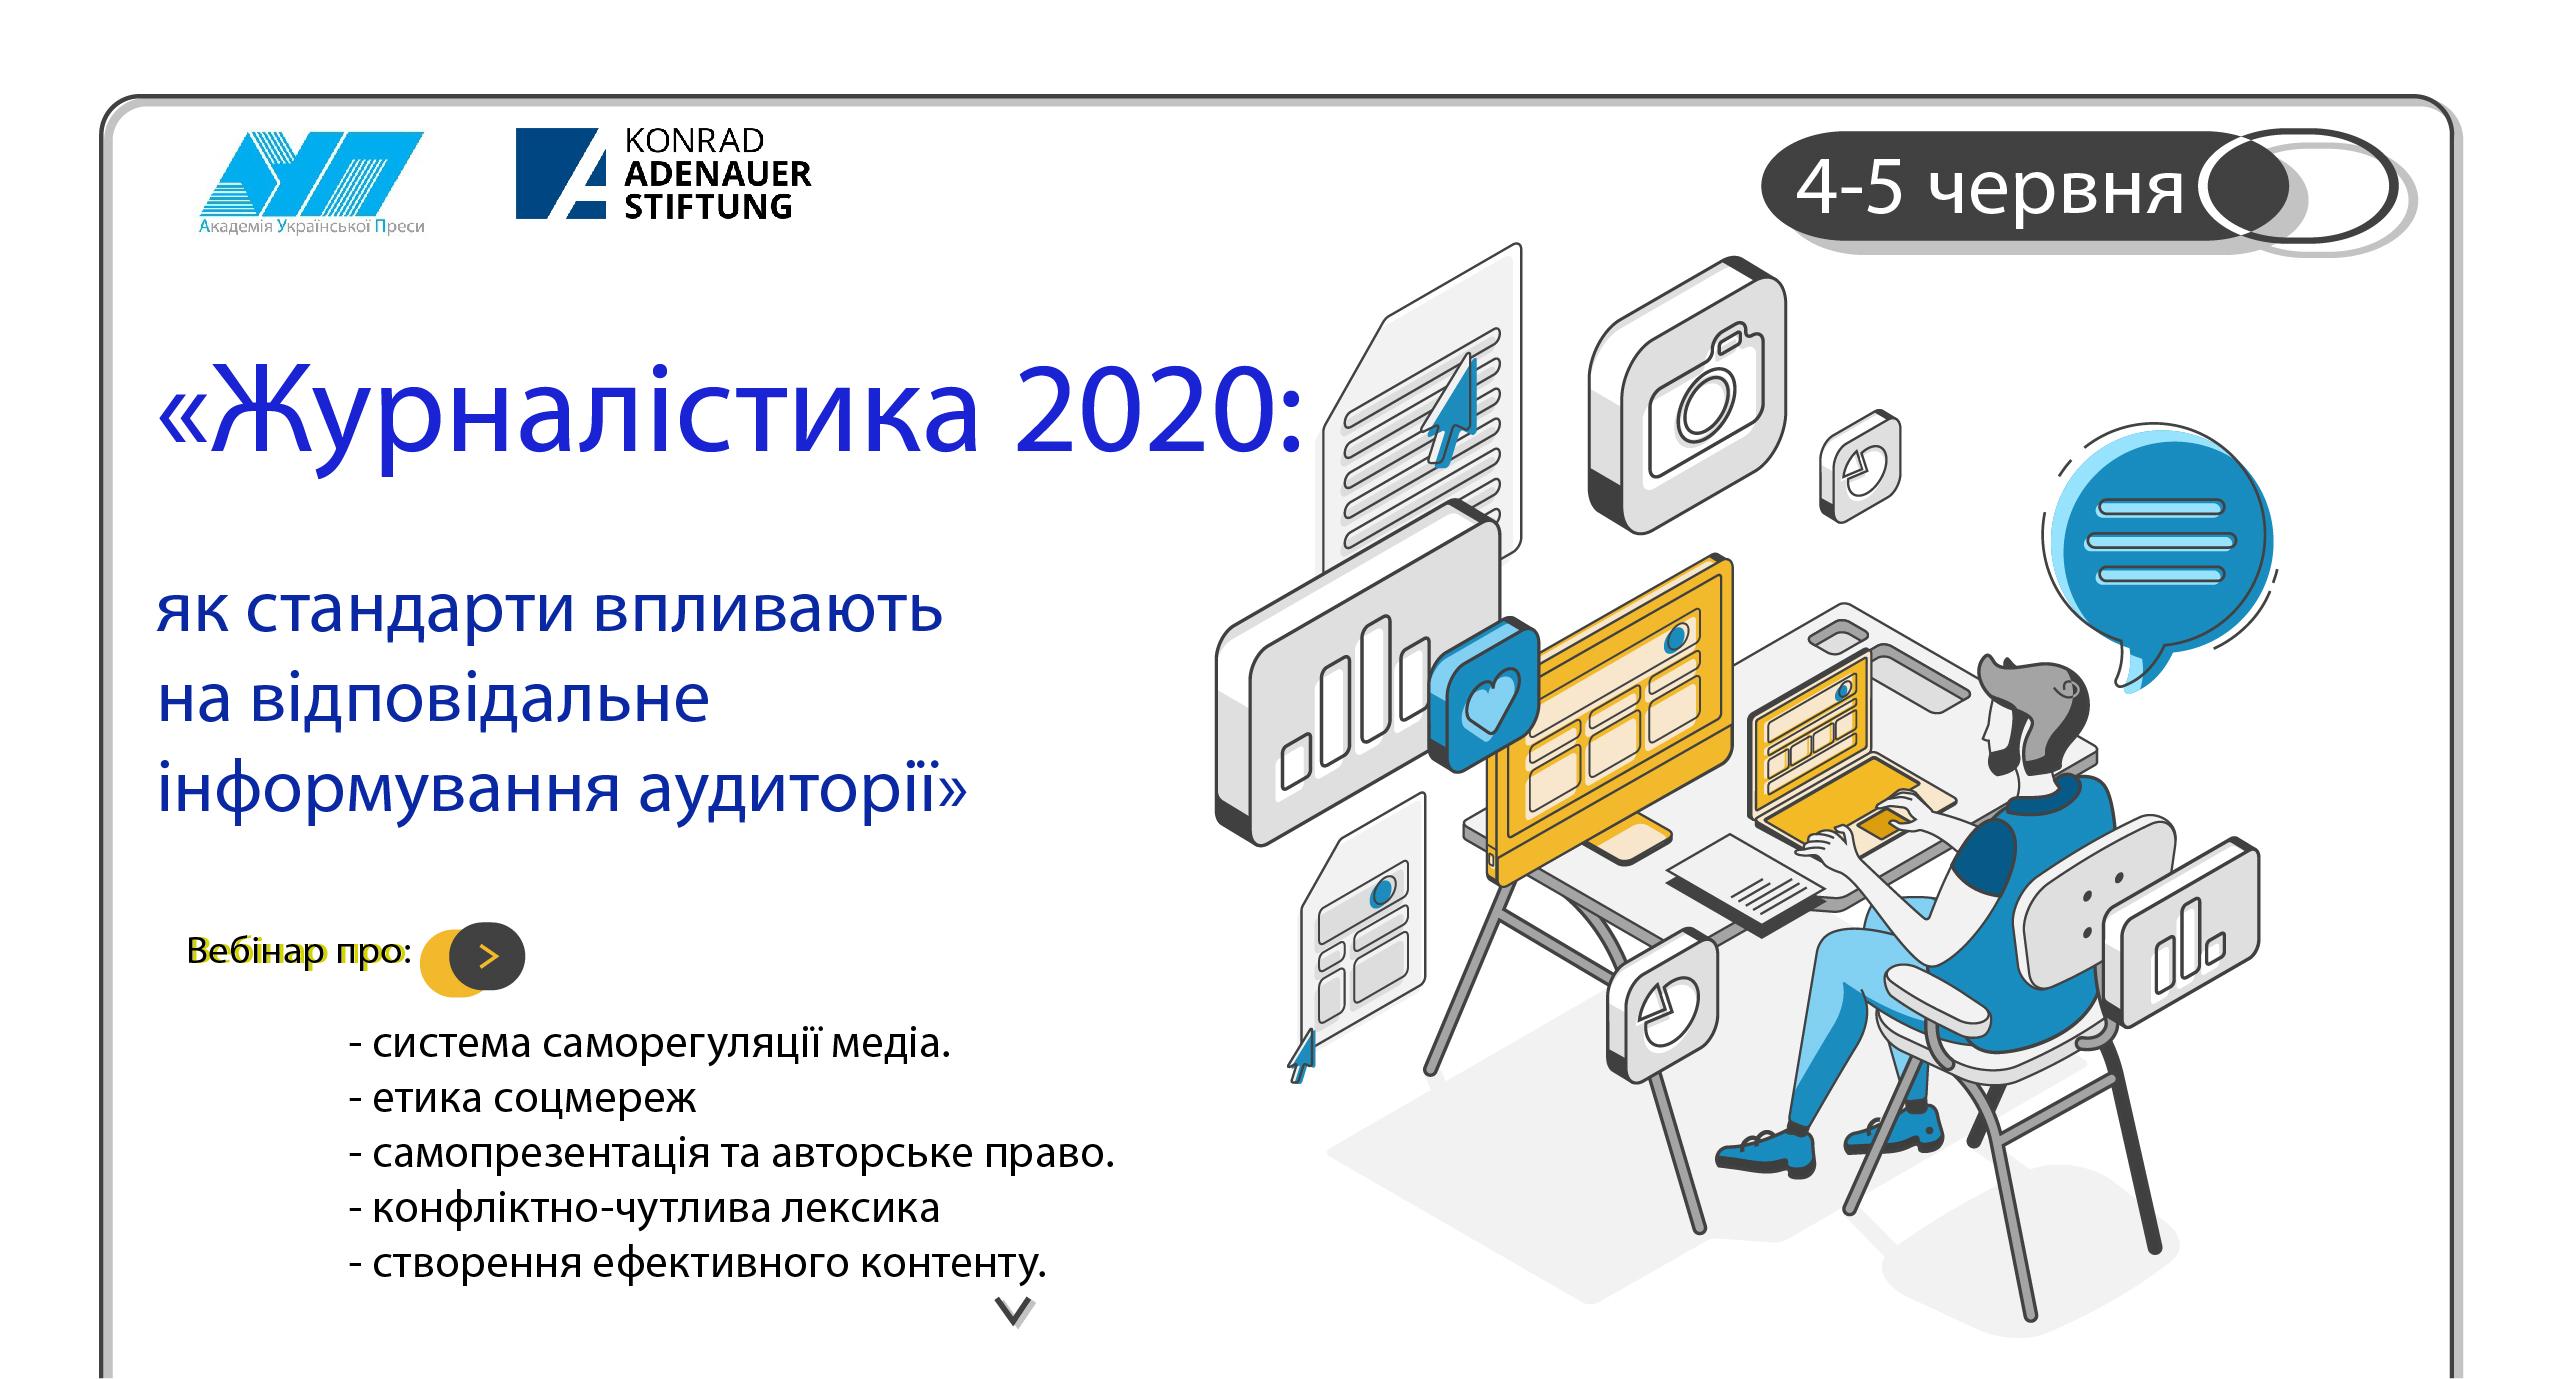 Запрошуємо на вебінар «Журналістика 2020: як стандарти впливають на відповідальне інформування аудиторії». 4-5 червня